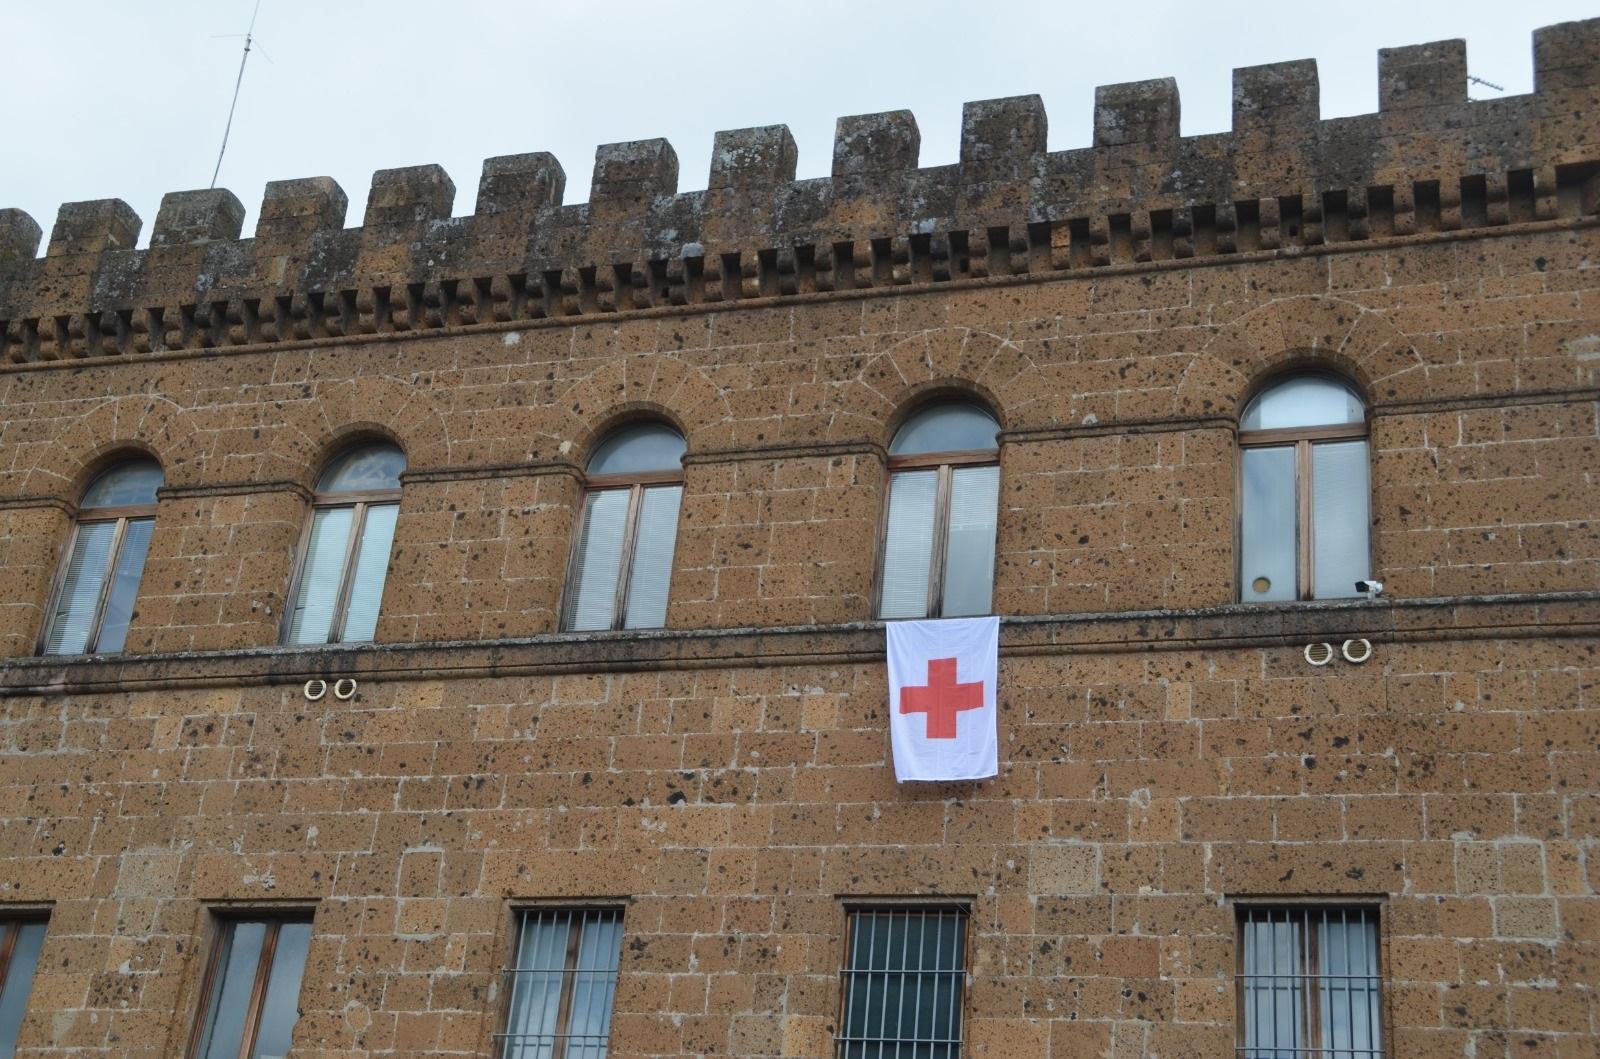 Giornata mondiale della Croce Rossa: a Cerveteri bandiera fuori dal palazzo comunale